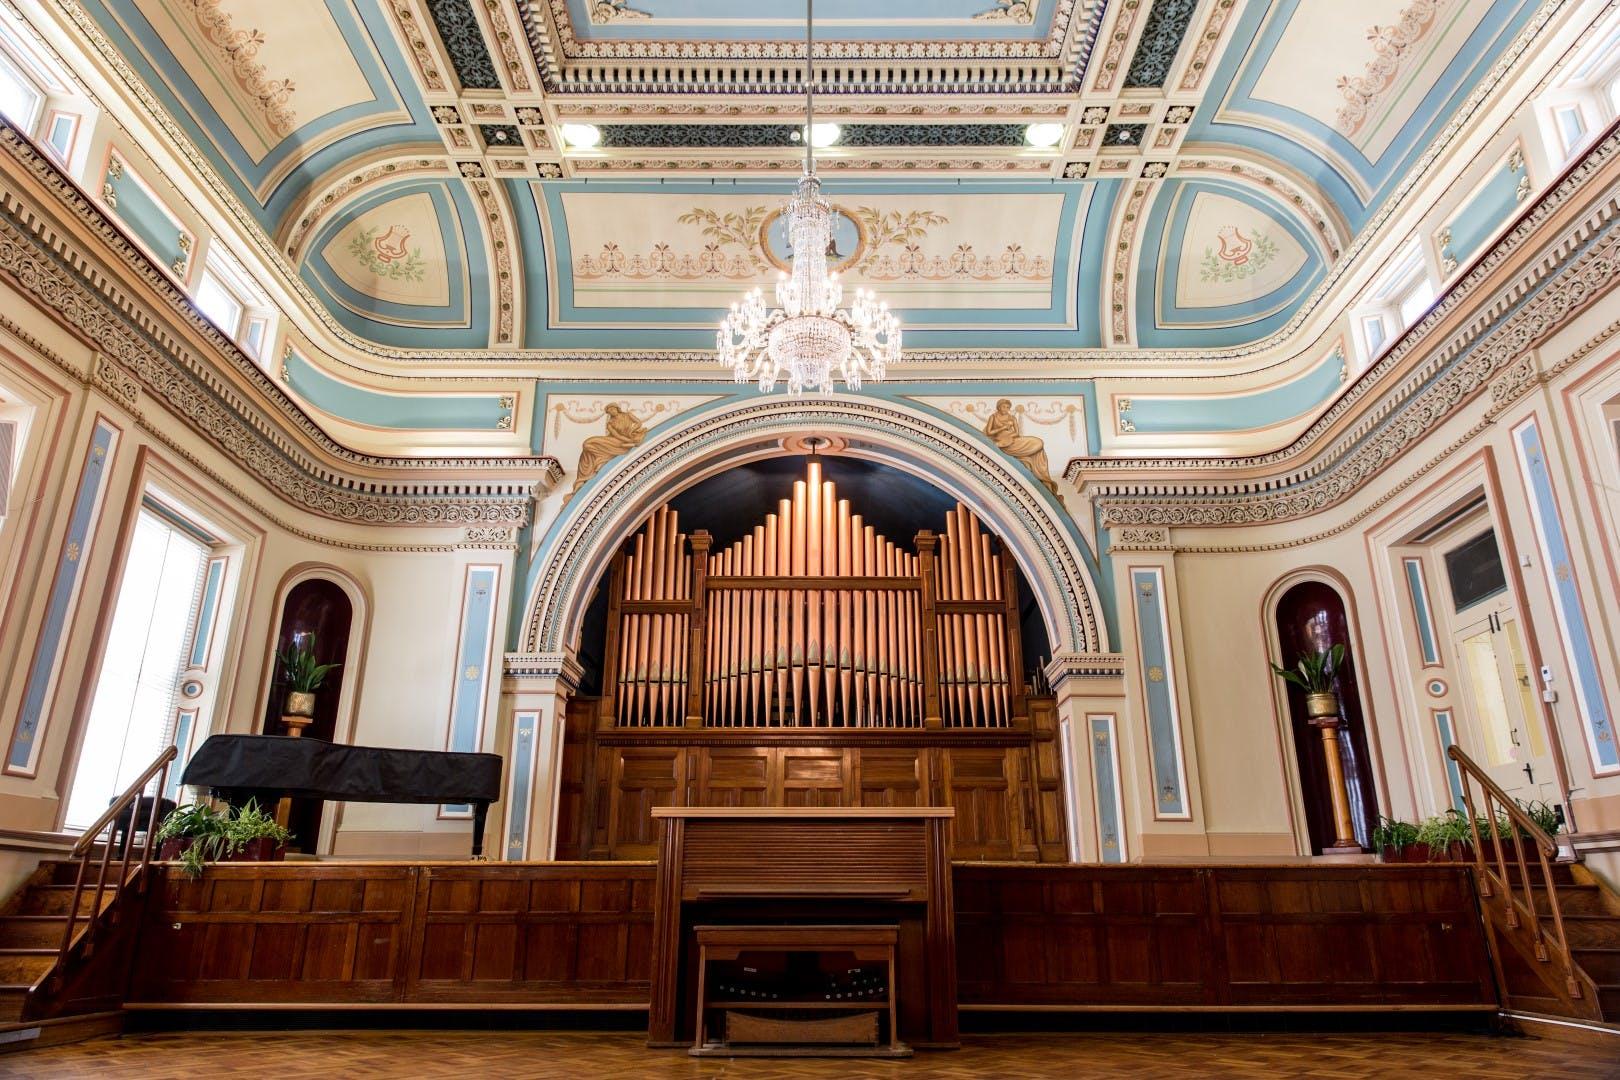 Hobart Town Hall - Organ